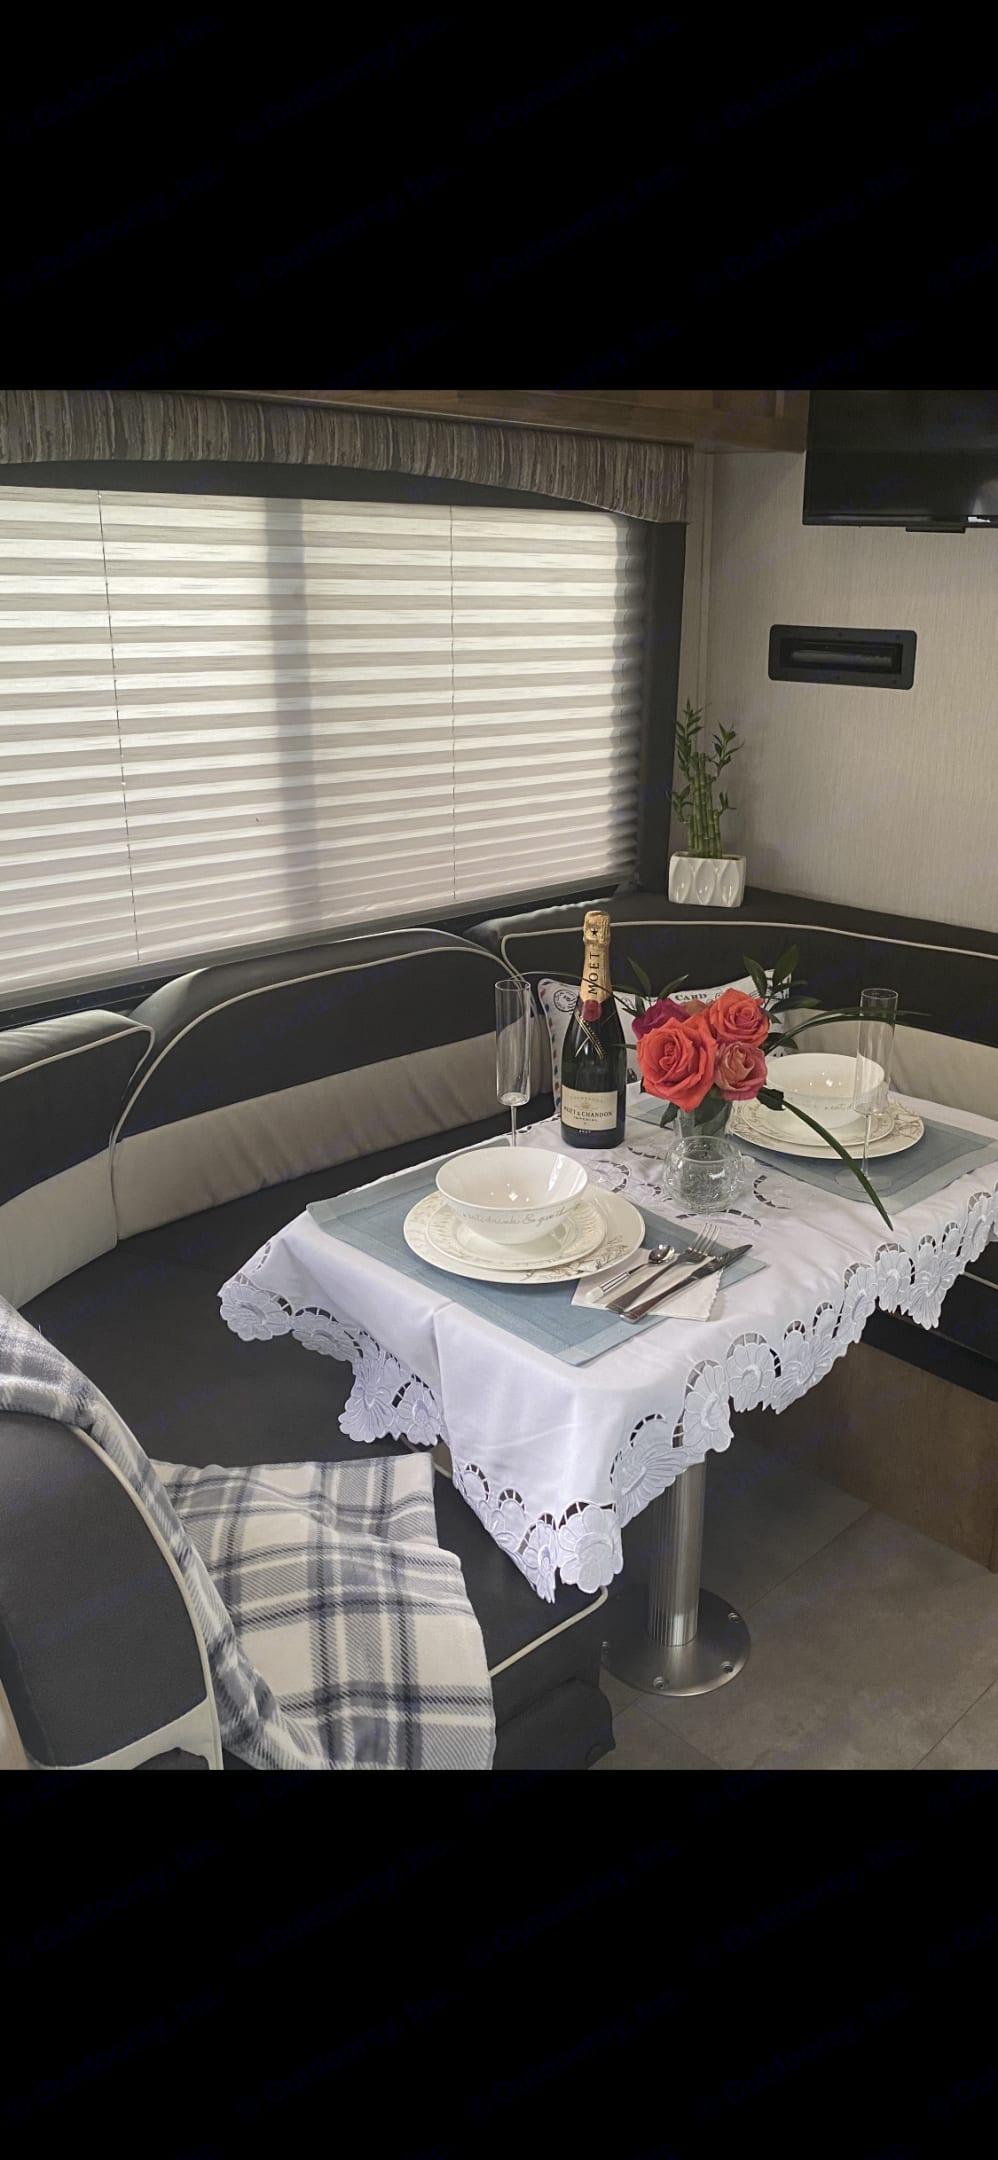 Dining area/bed area. Coachmen Leprechaun 2021